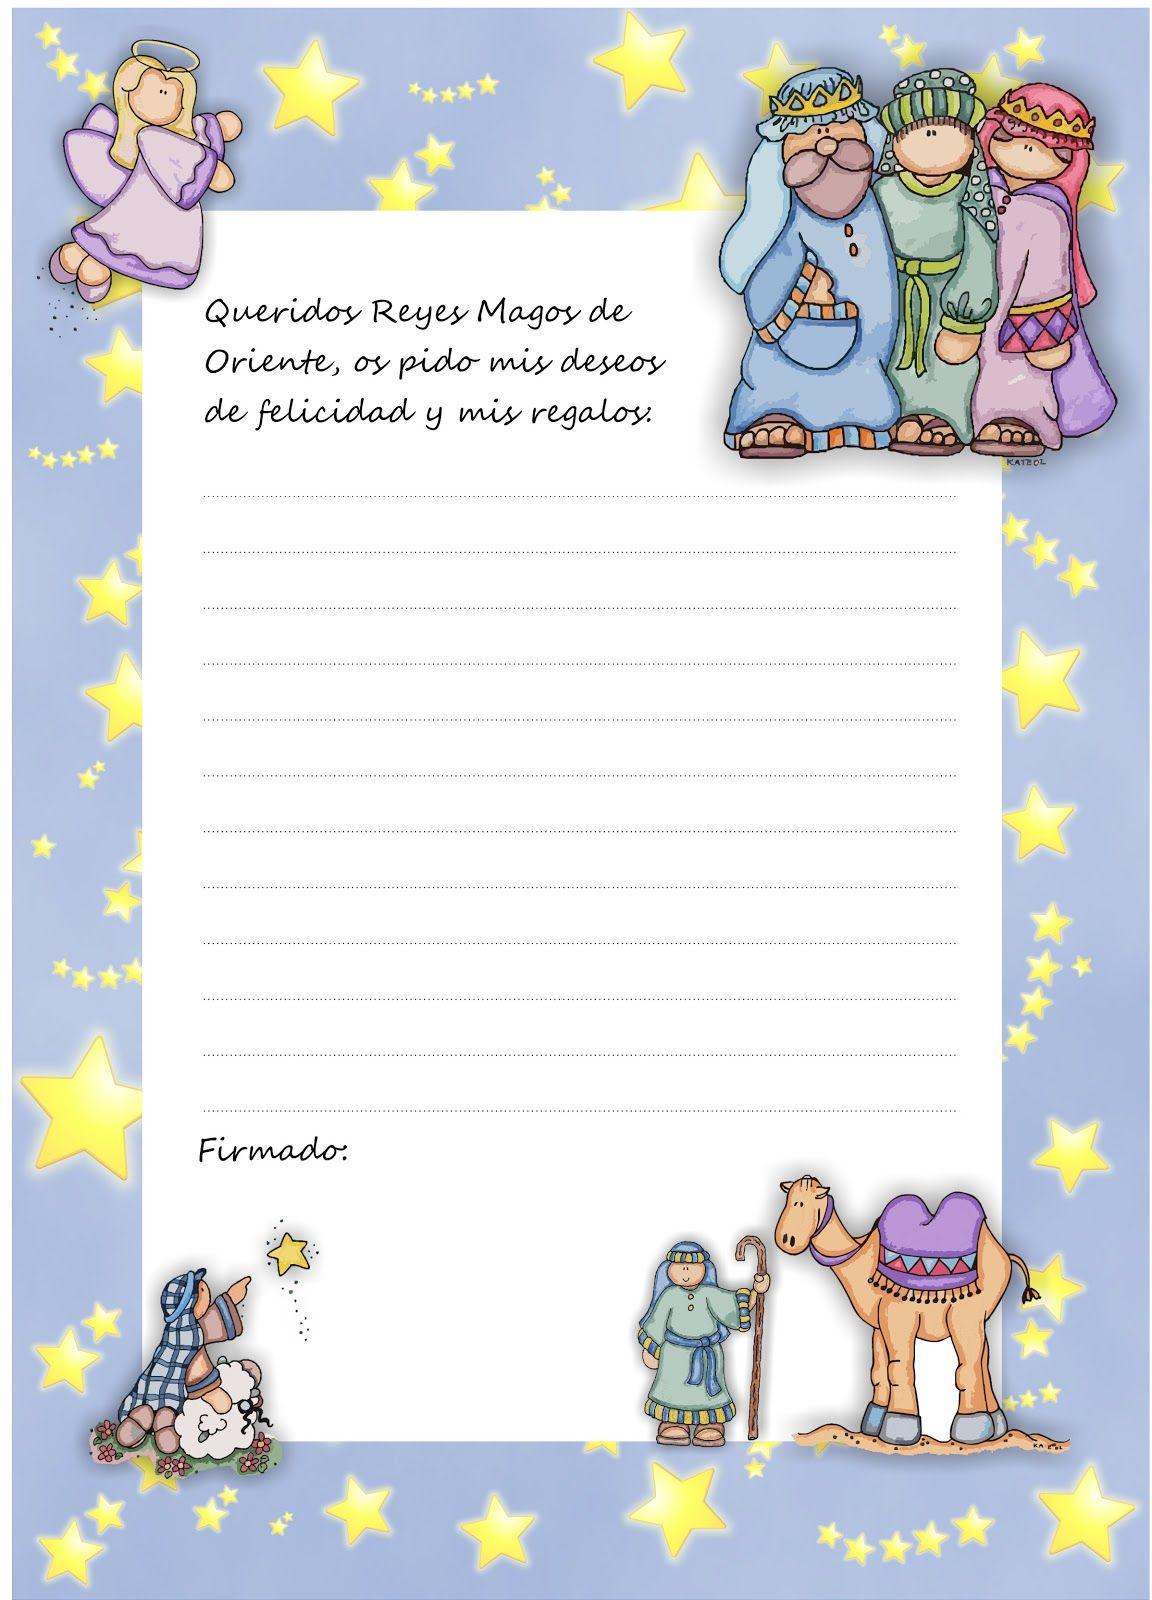 Dias De Reyes Magos Descargar descarga gratis carta a los reyes magos | cartas reyes magos